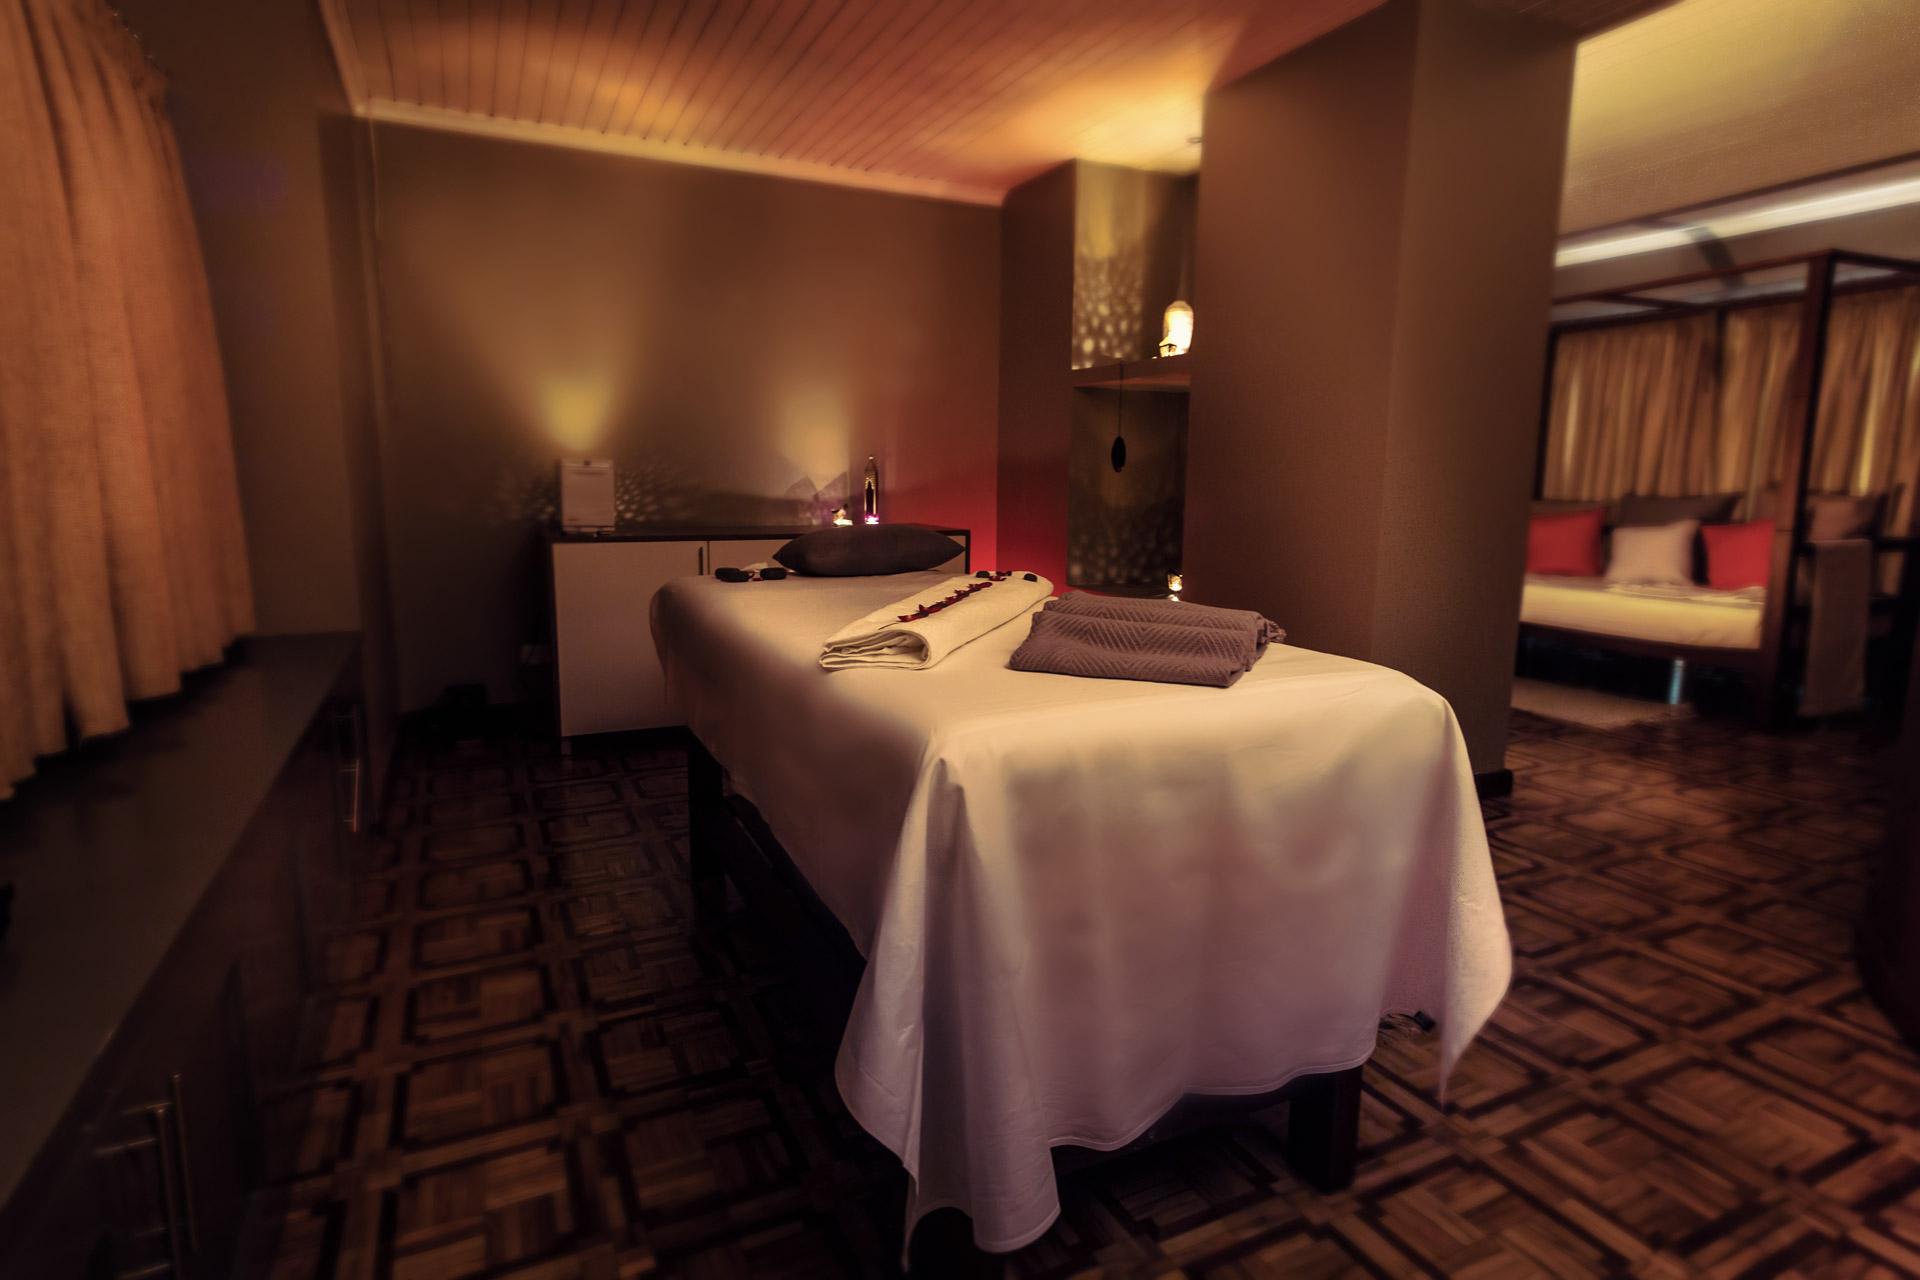 saffron_massage_room.jpg